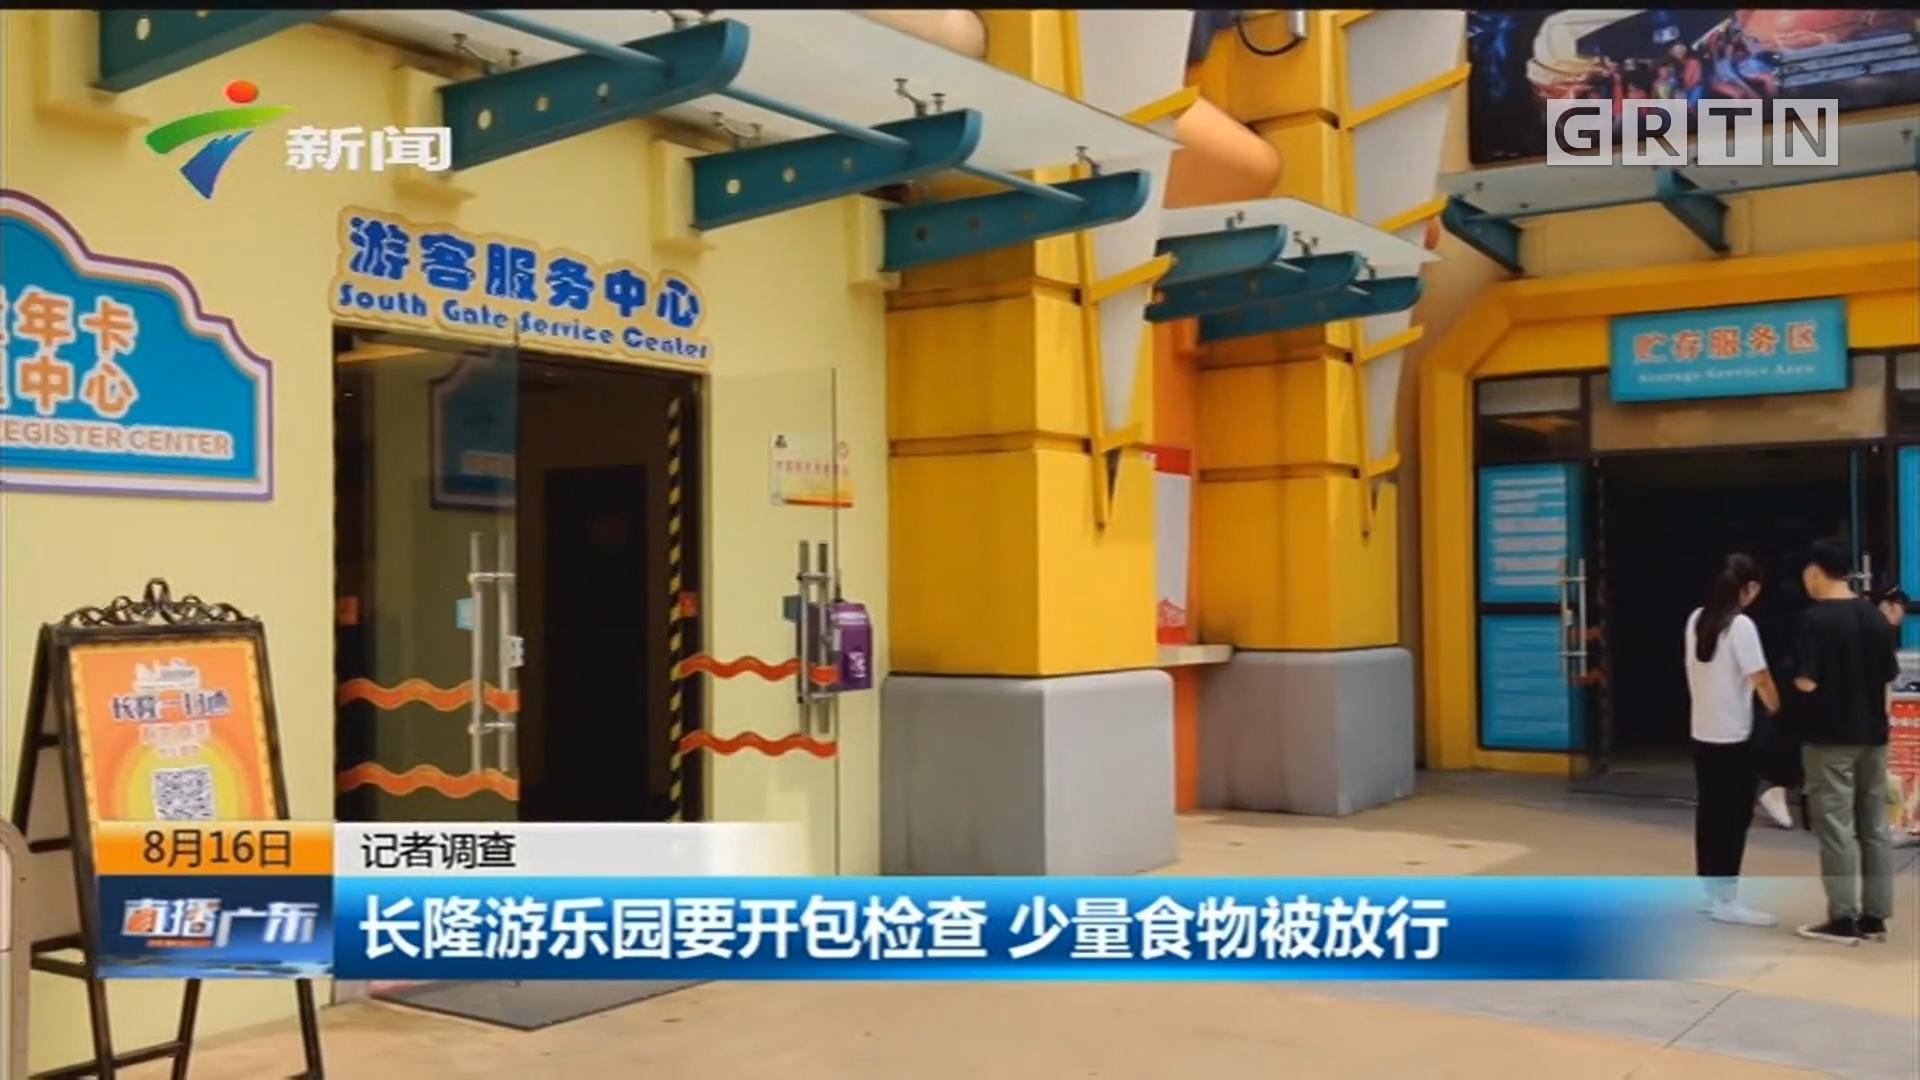 记者调查:长隆游乐园要开包检查 少量食物被放行